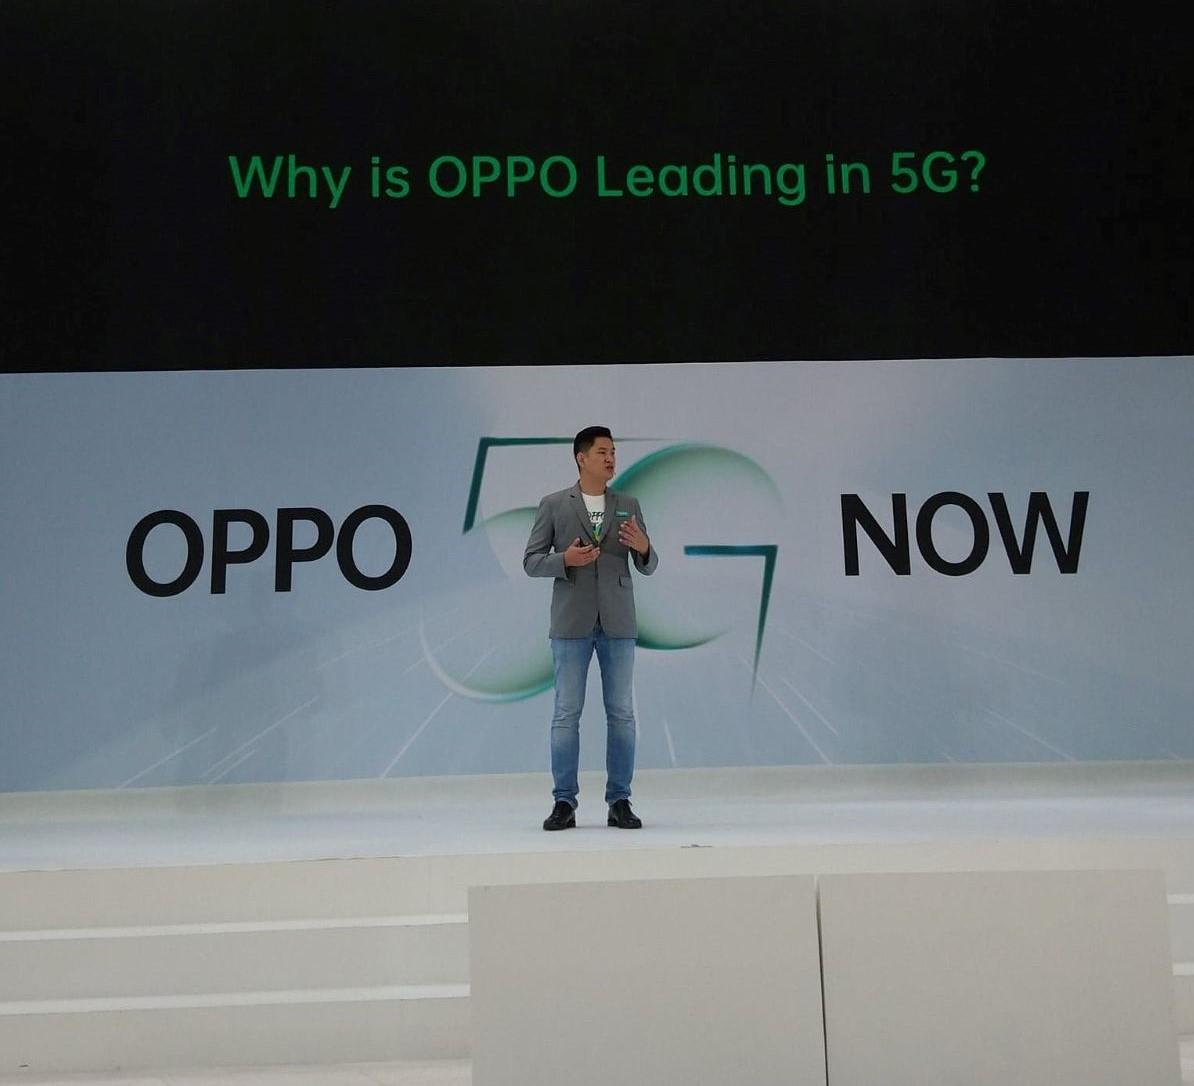 OPPO 5G Now _5102020